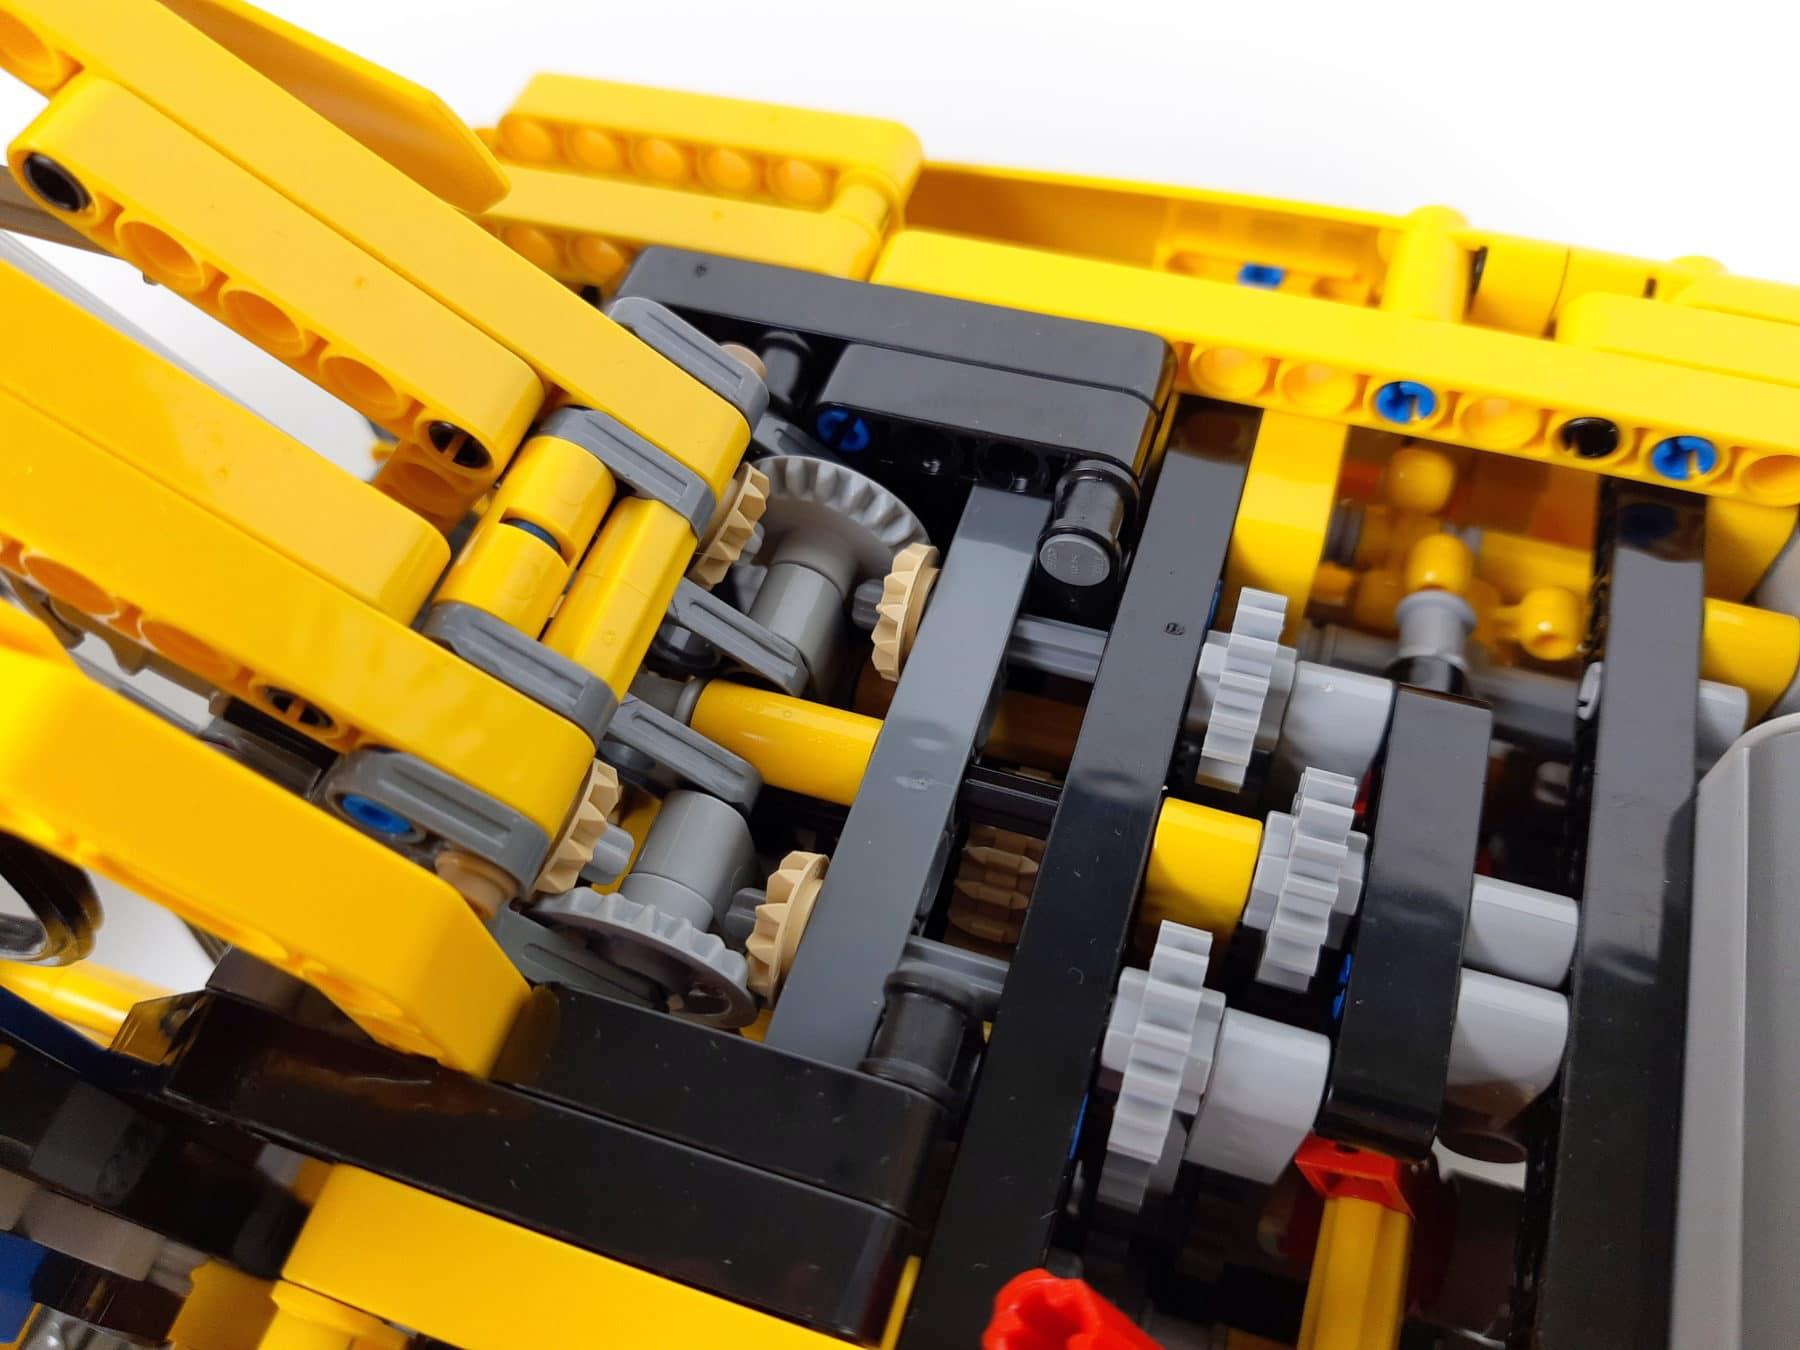 LEGO Technik 8043: Kraftübertragung zwischen Ausleger und Aufbau